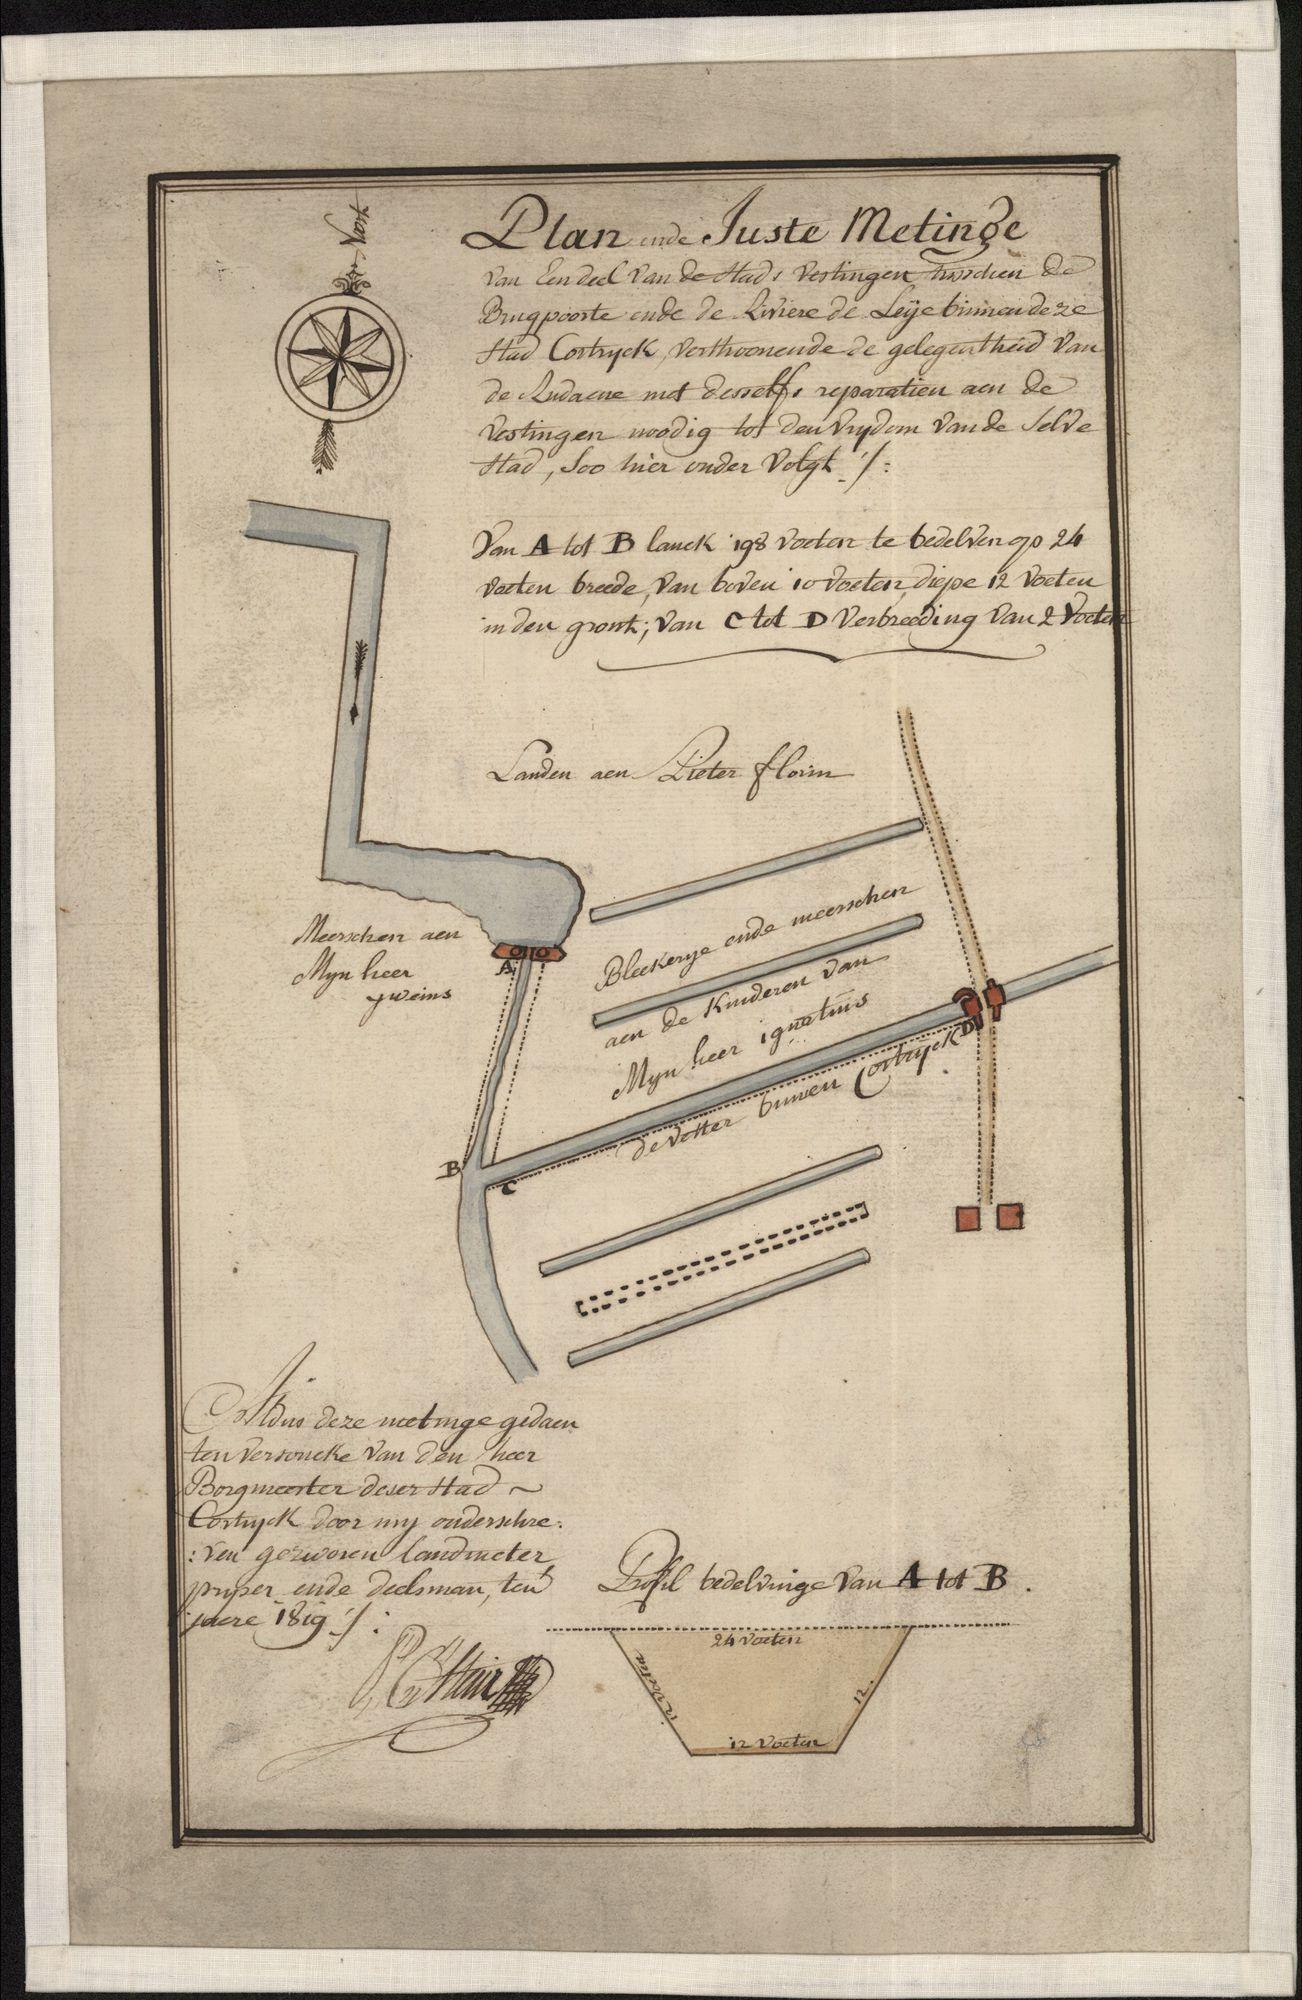 Plattegrond van de meersen en de stadsgracht tussen de Leie en de Brugsepoort te Kortrijk, opgemaakt door P.C. Steur, 1819